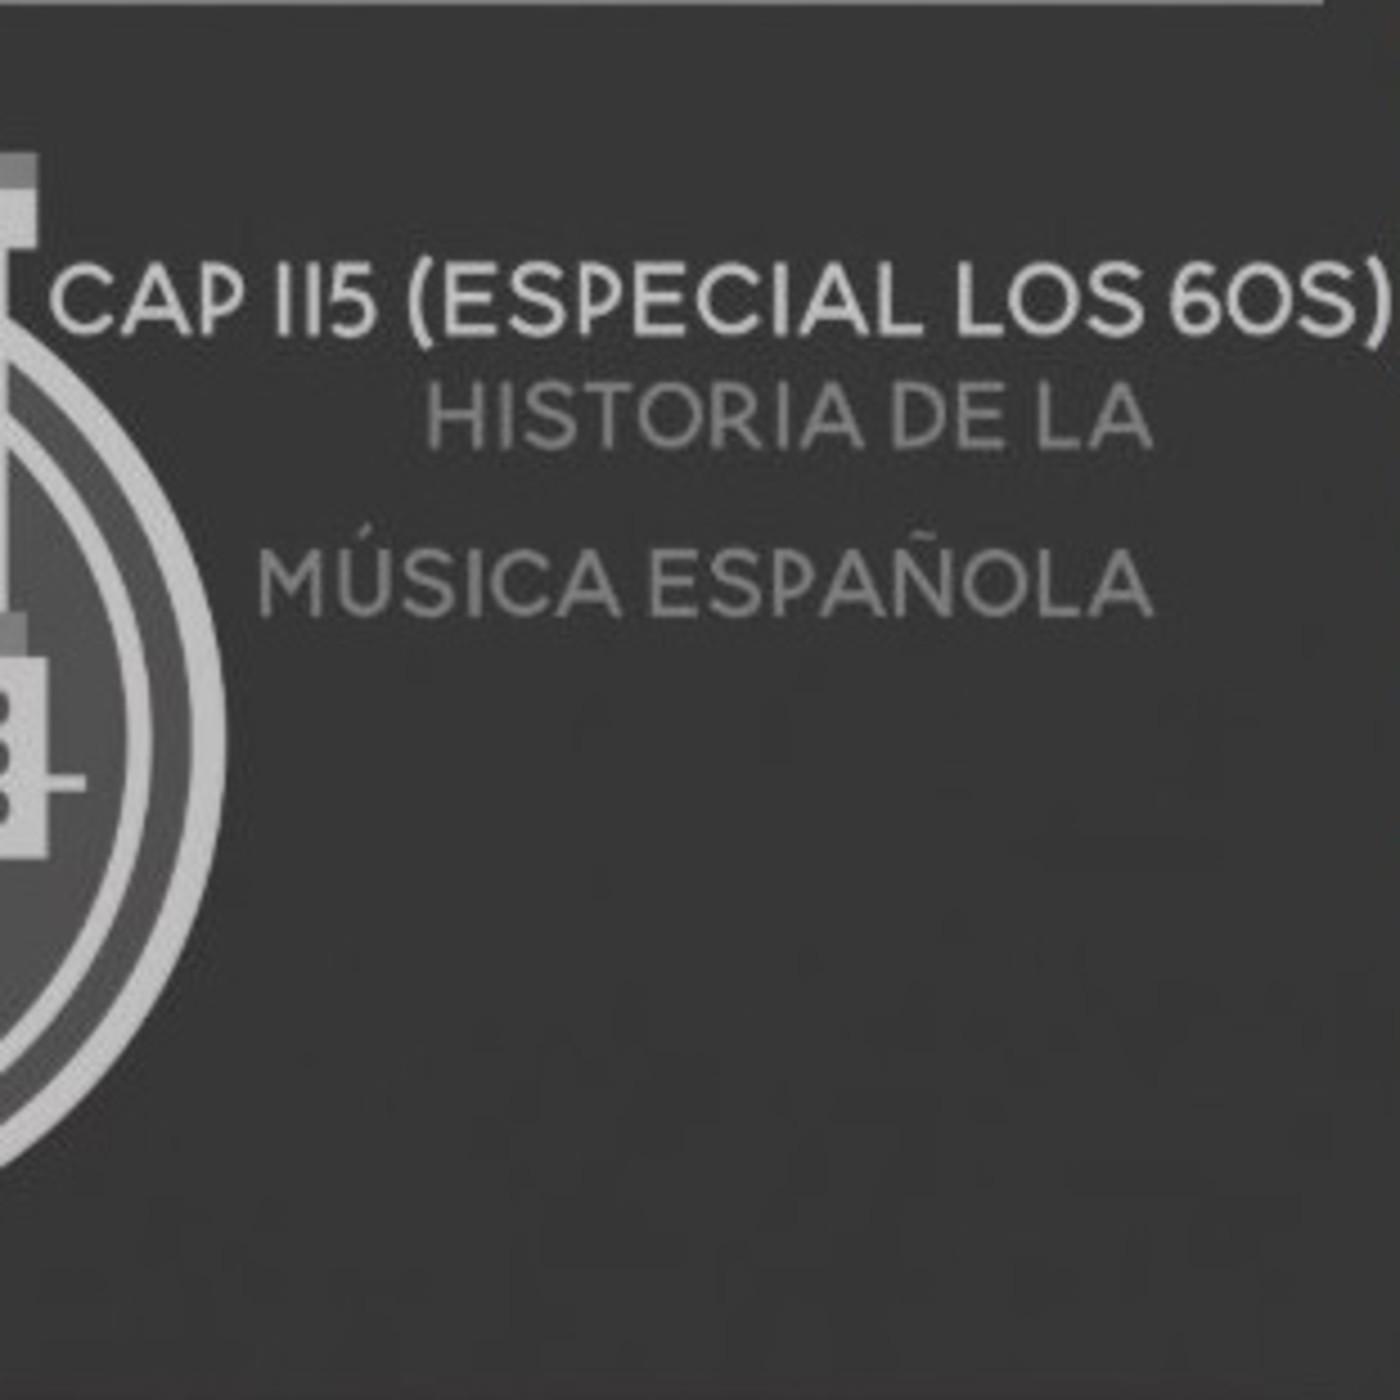 Programa 115 de Historia de la Música Española (Especial 60s)